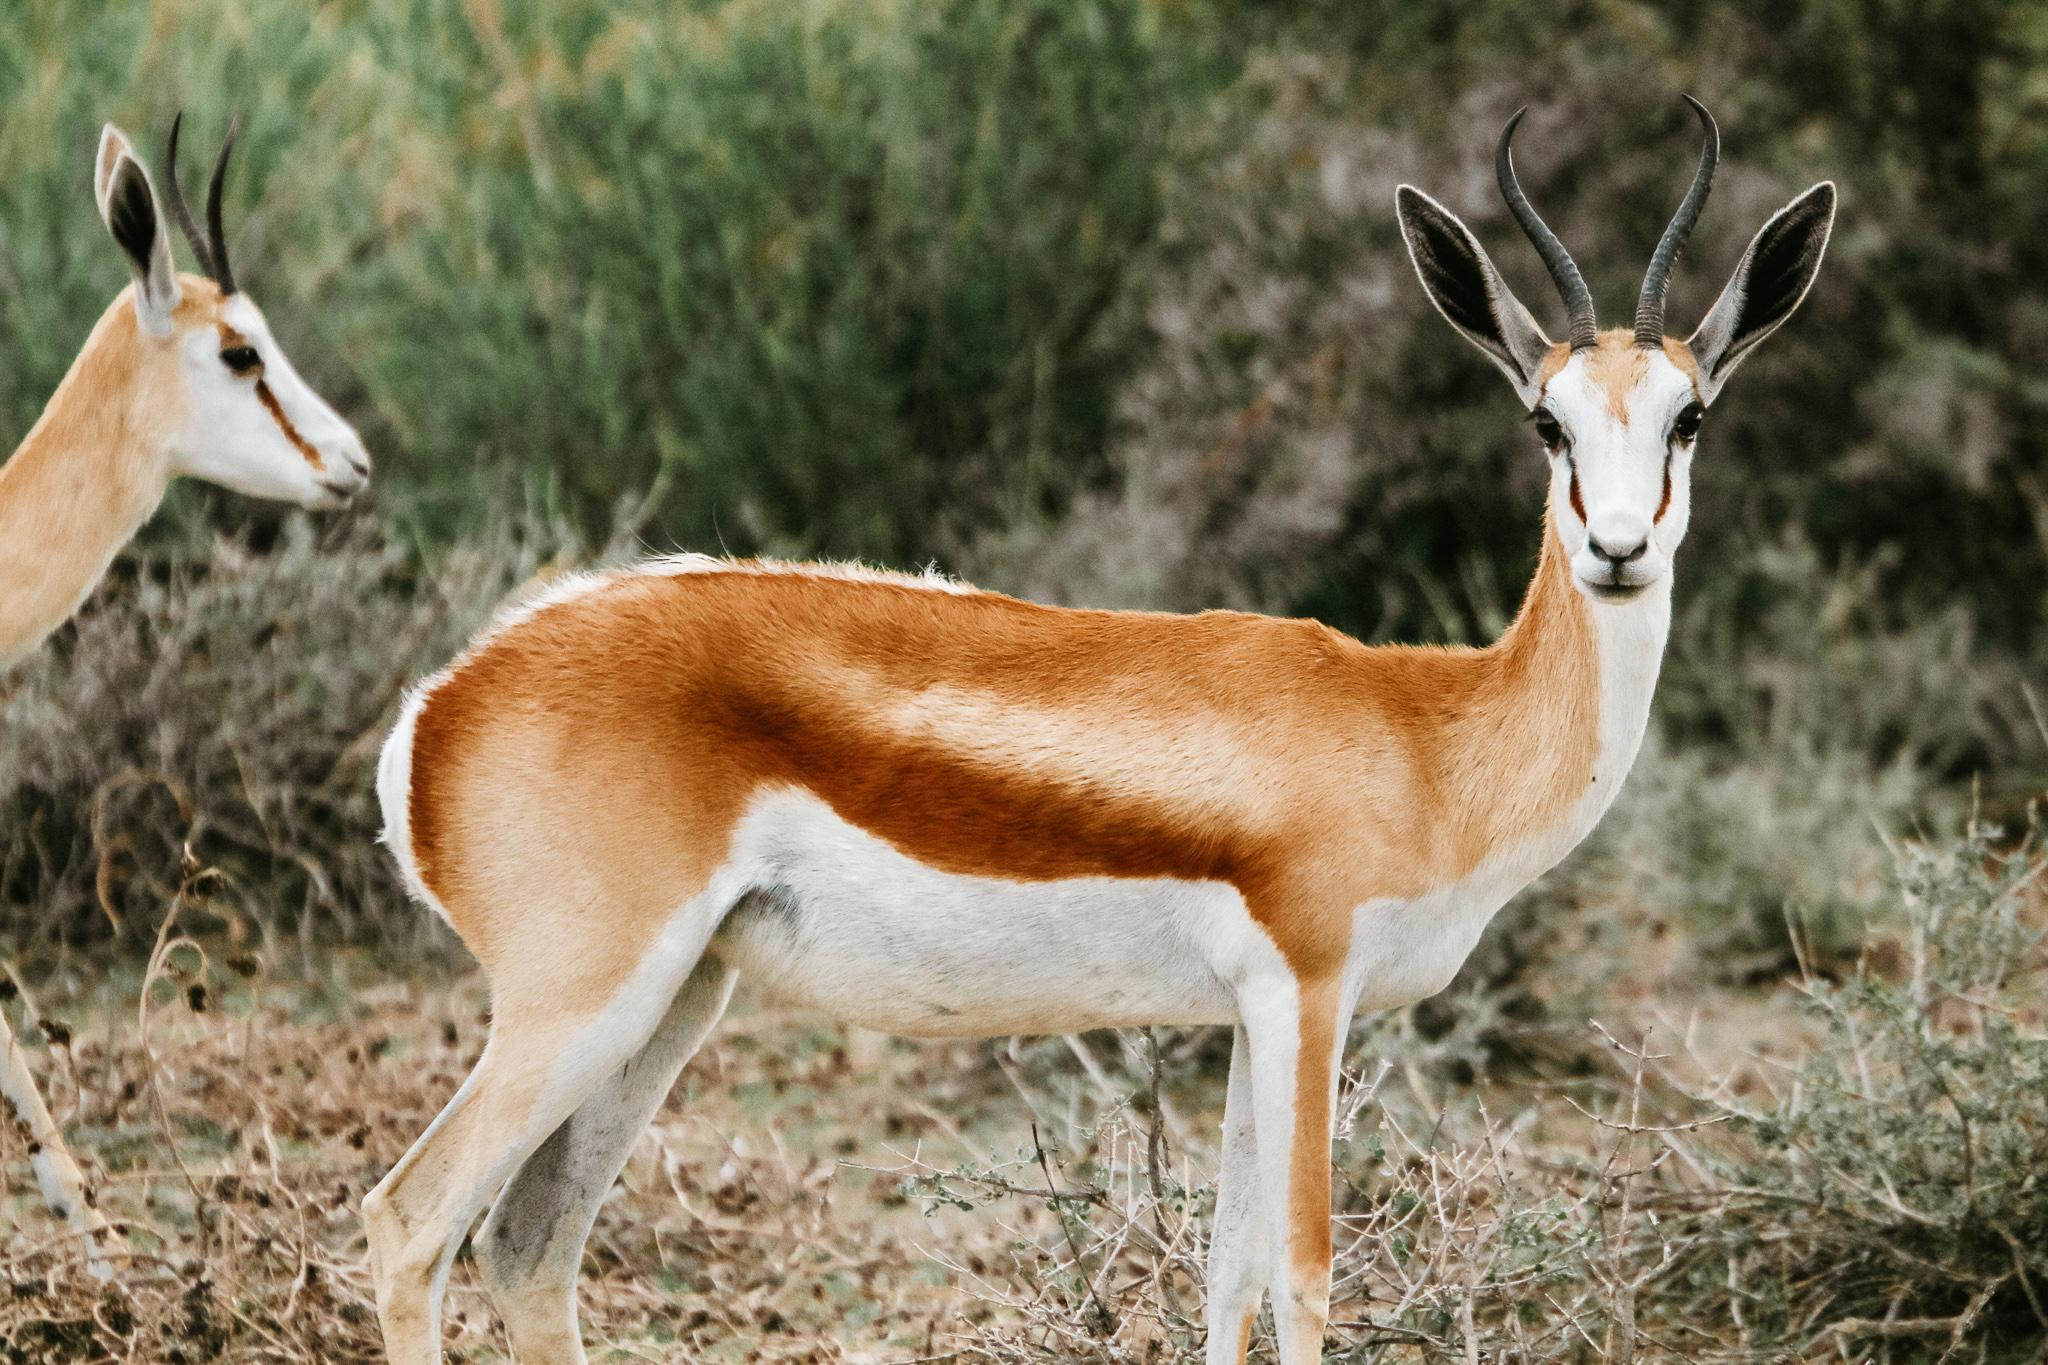 The wildlife in Etosha inspires you to travel to Namibia